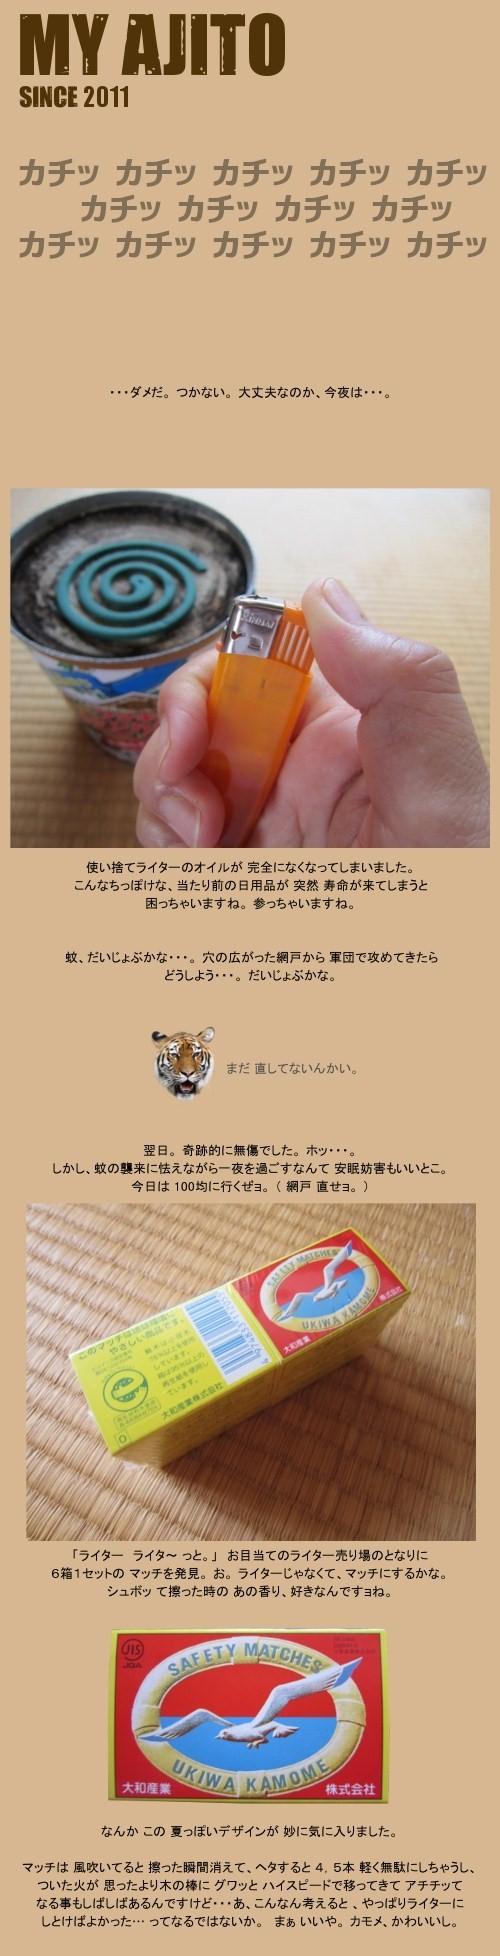 hya_n_01JPG.jpg